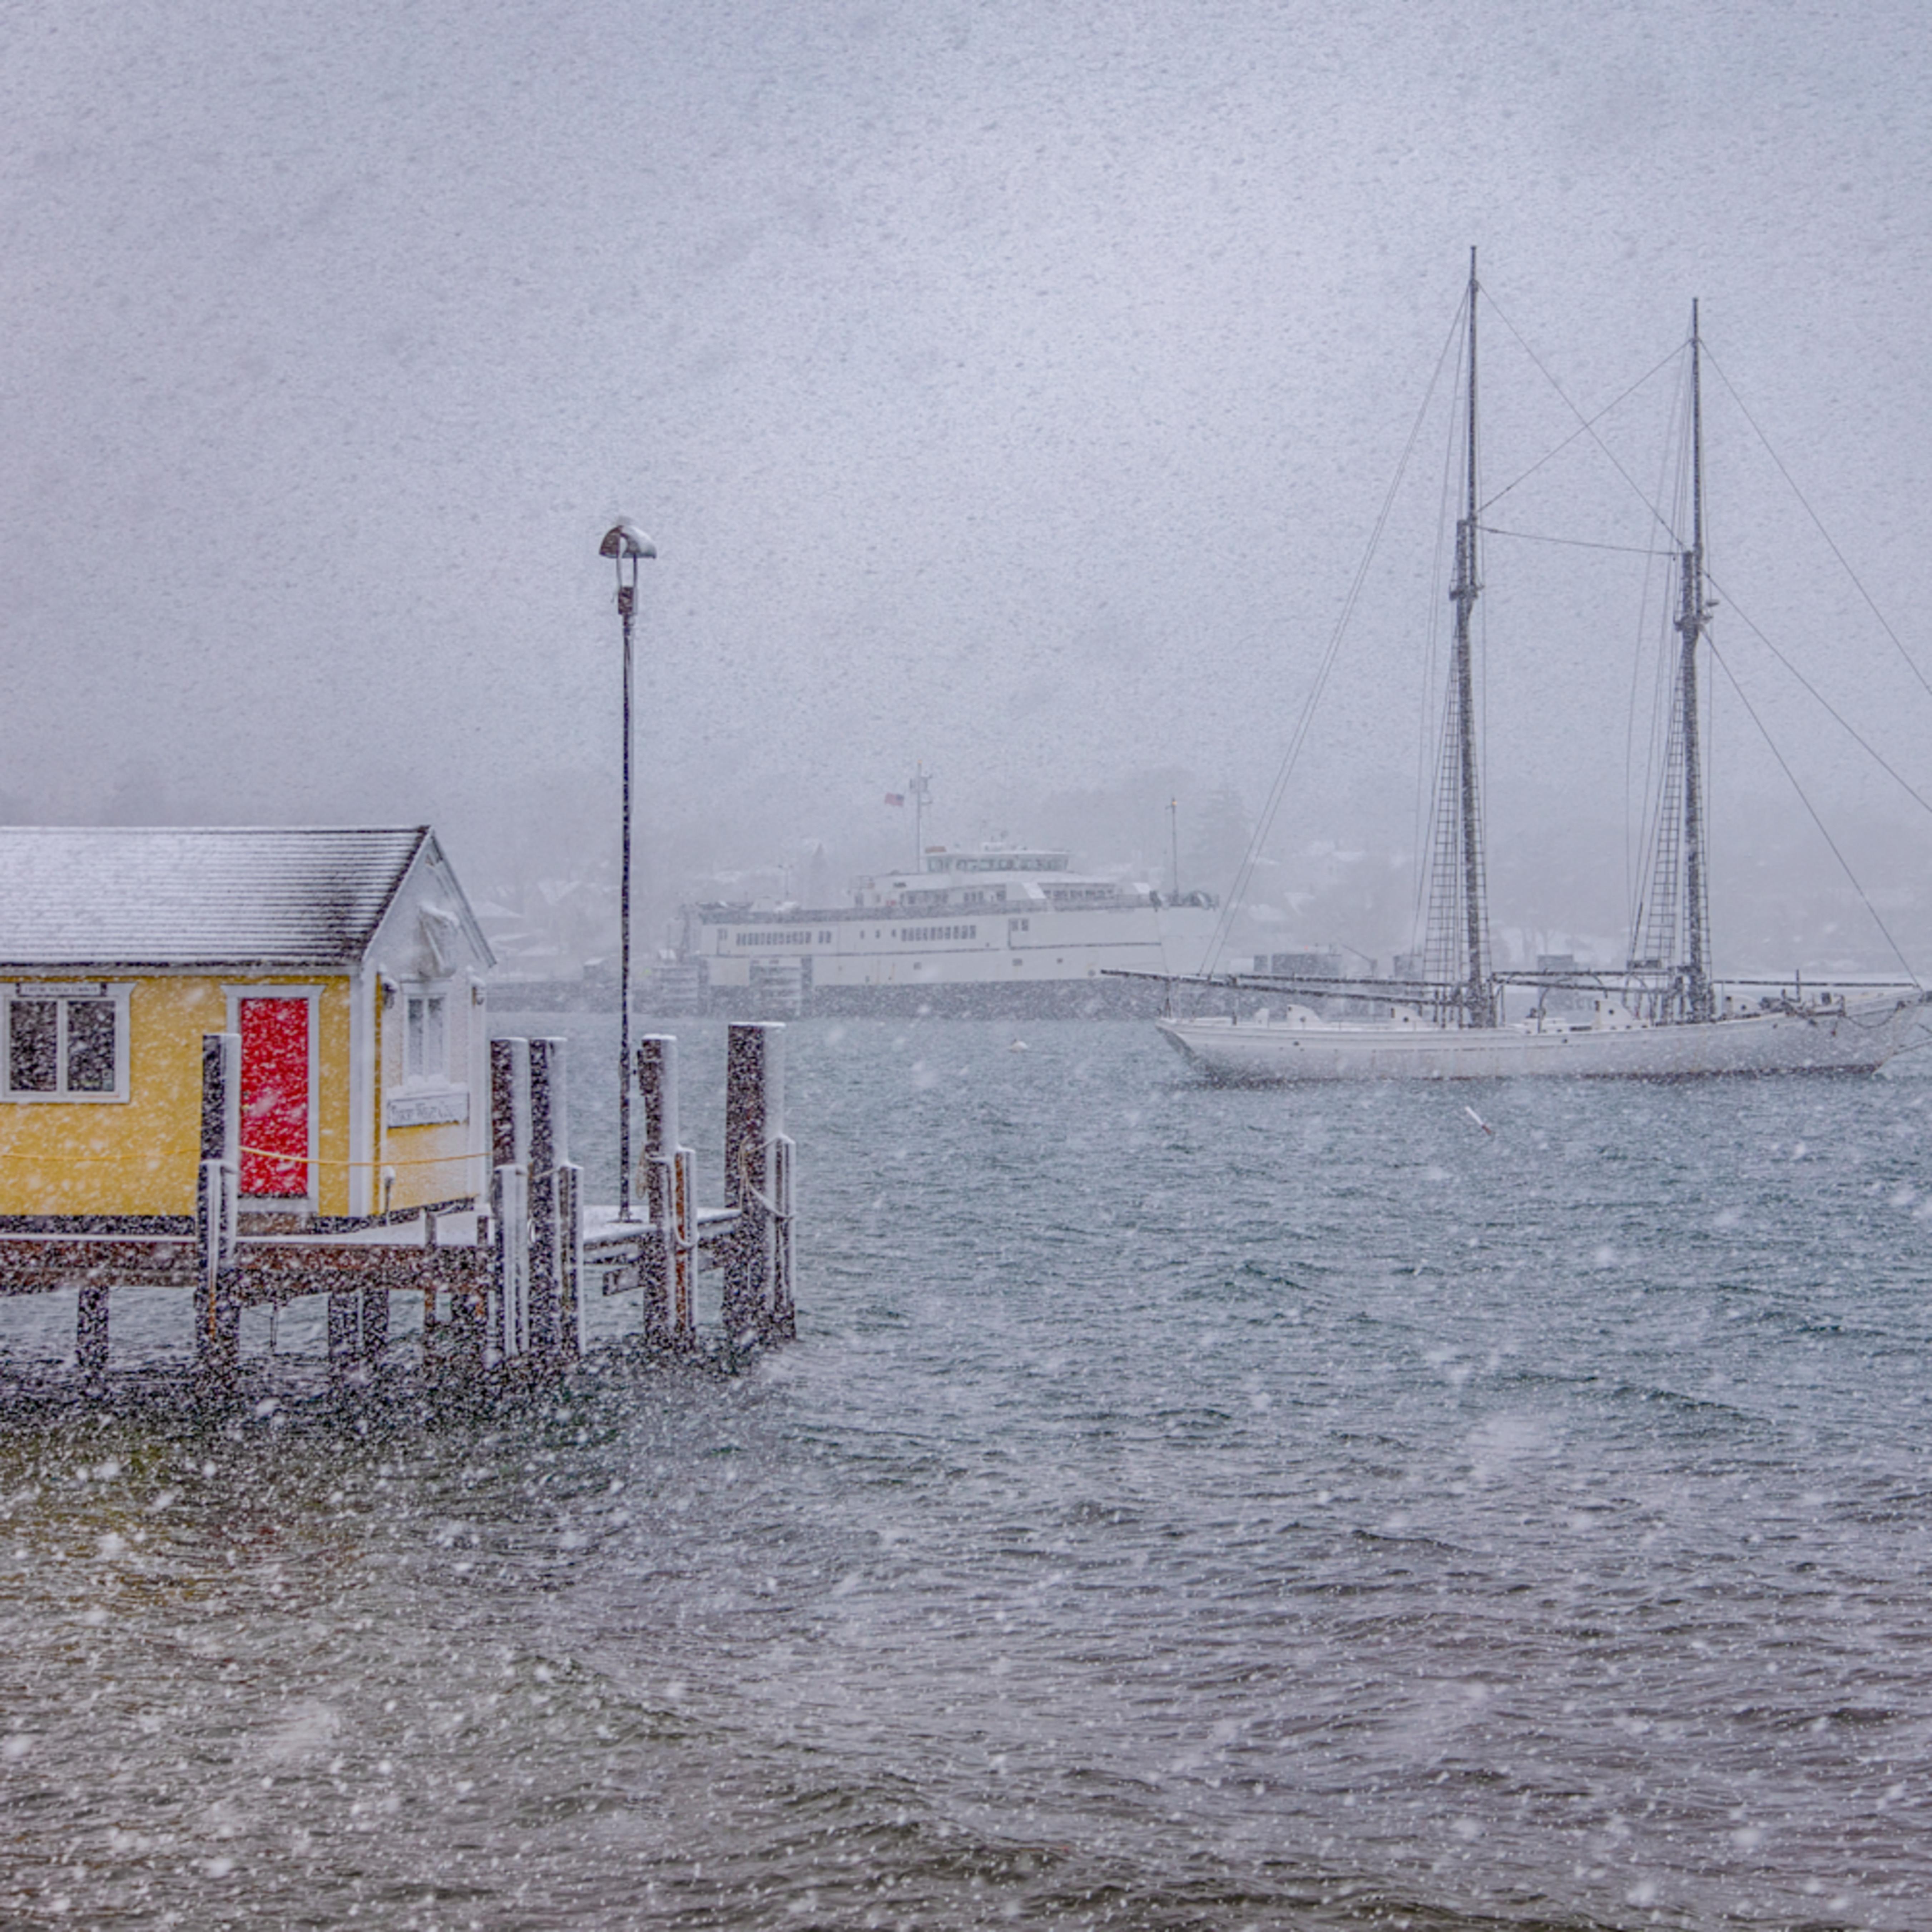 Tisbury wharf winter squall dj8k3c